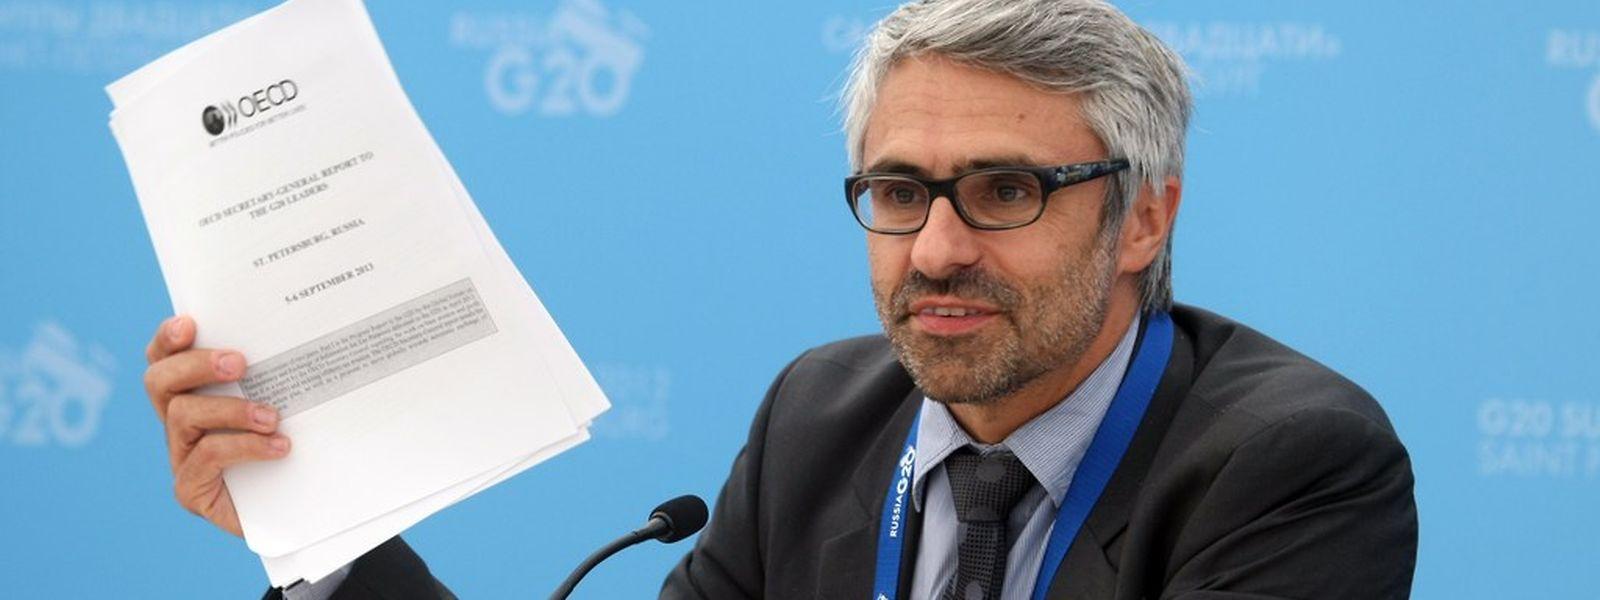 """""""Die Länder werden rivalisieren müssen, um das attraktivste Steuerniveau für Unternehmen anzubieten"""", sagt Pascal Saint-Amans von der OECD."""